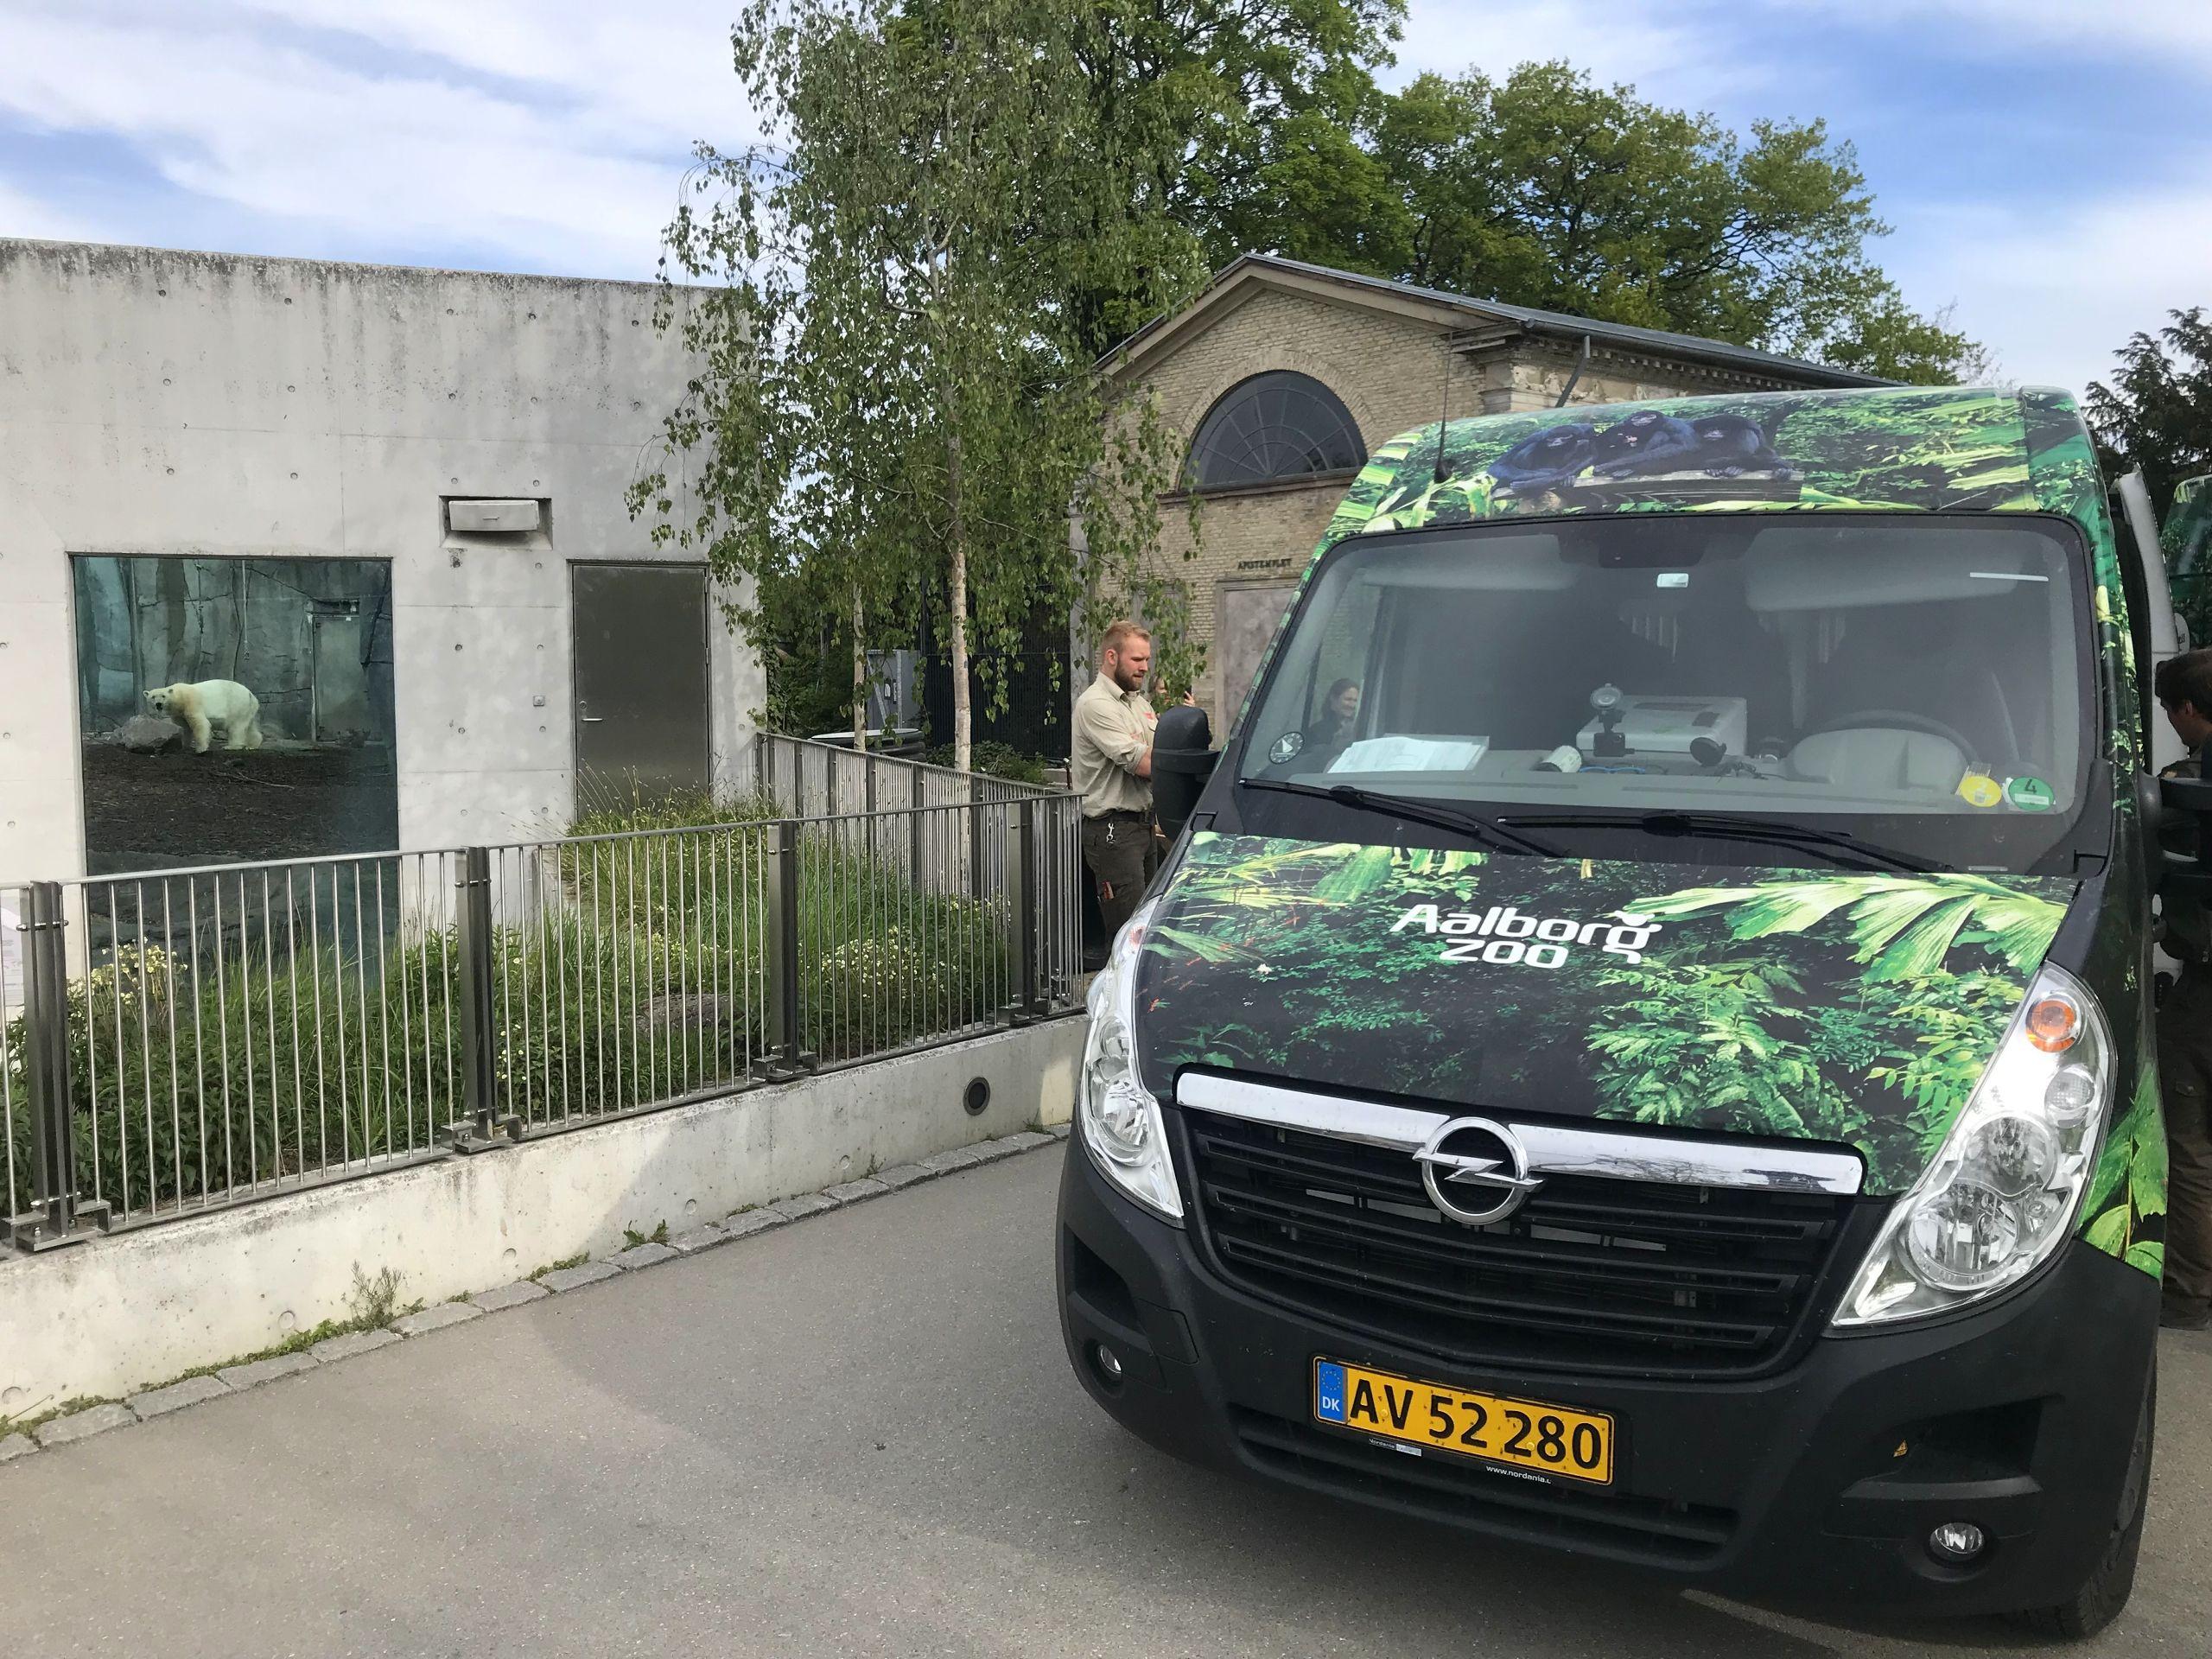 Kursen er sat mod Aalborg, hvor Nord gerne skal sikre arvefølgen. Foto: København Zoo